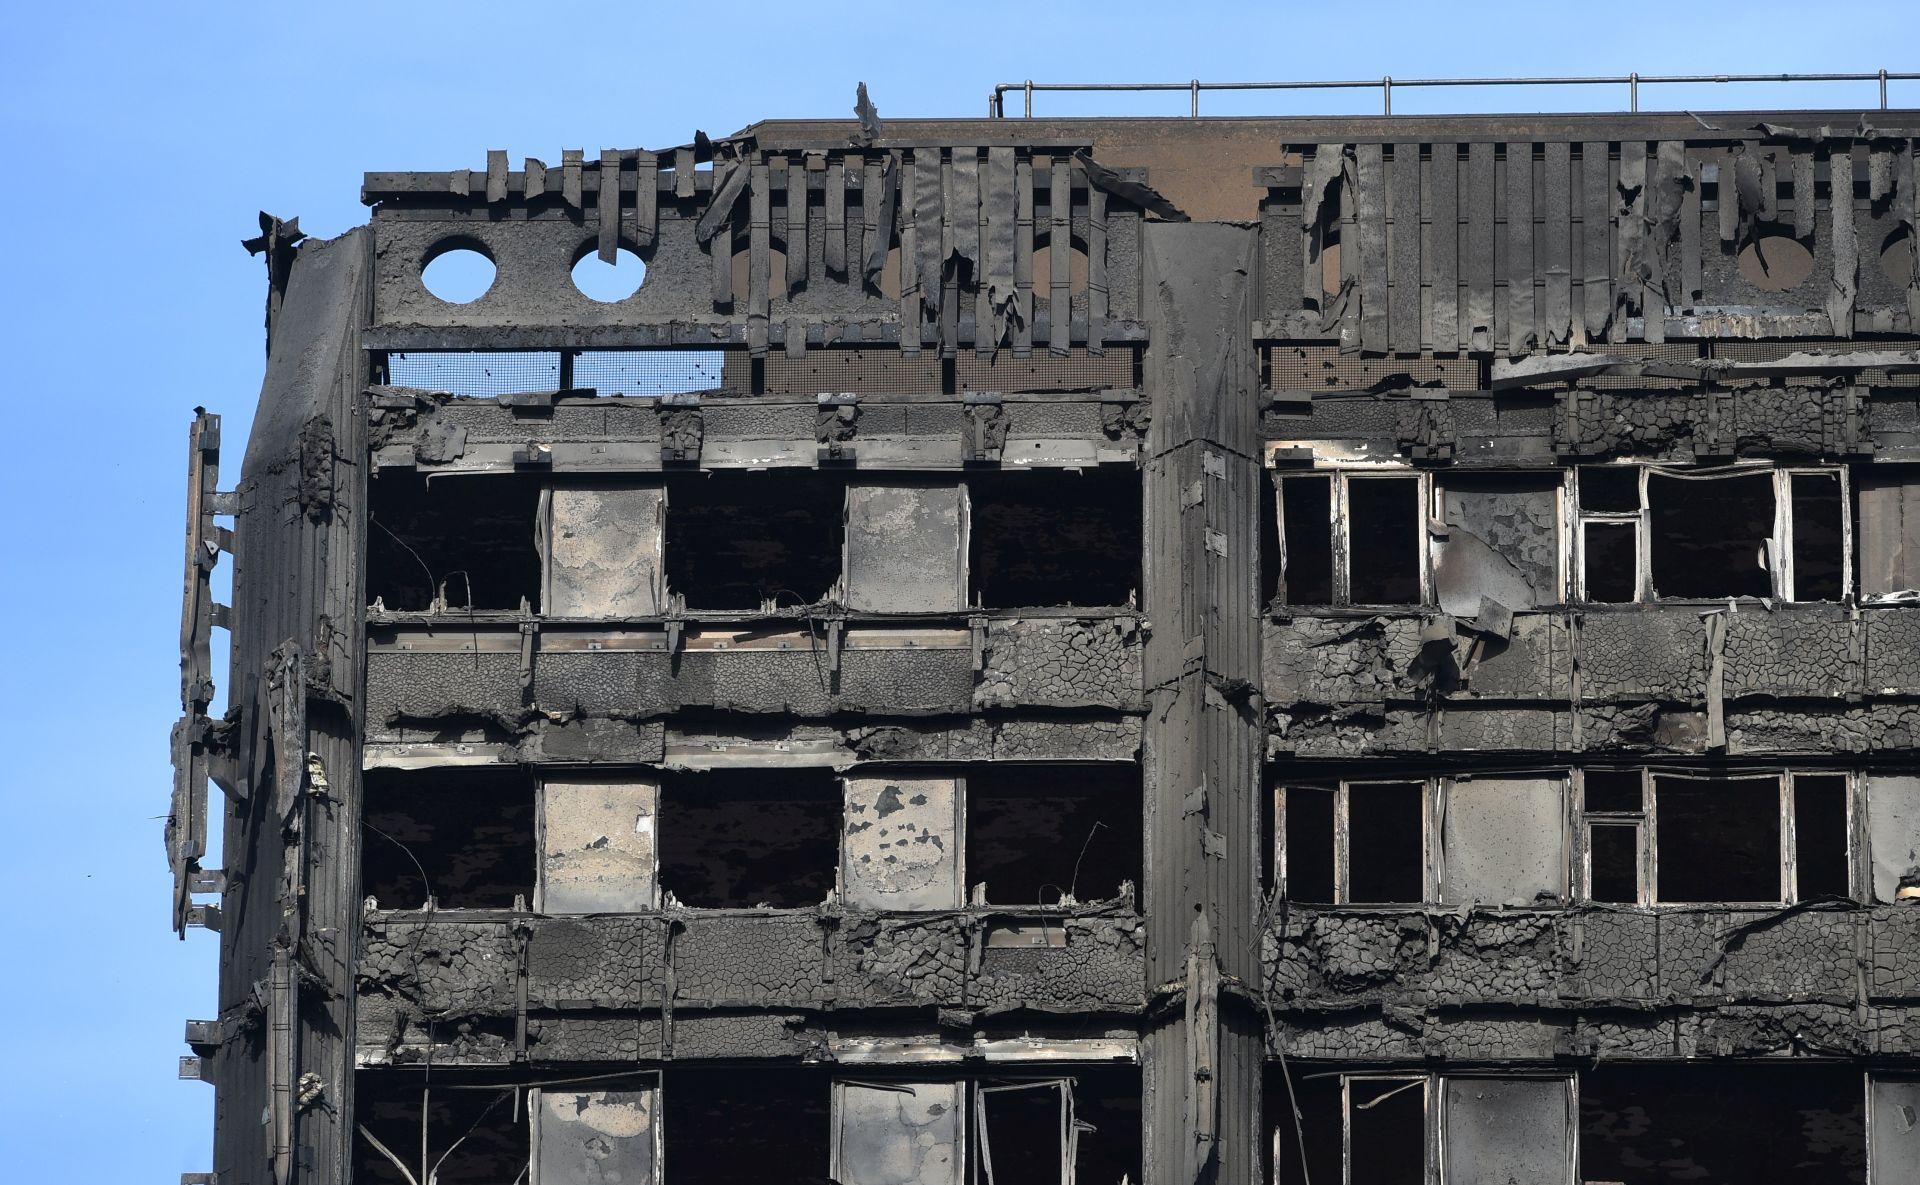 POLICIJA O POŽARU U LONDONU 'Broj žrtava popeo se na 30, neke nikada nećemo moći identificirati'